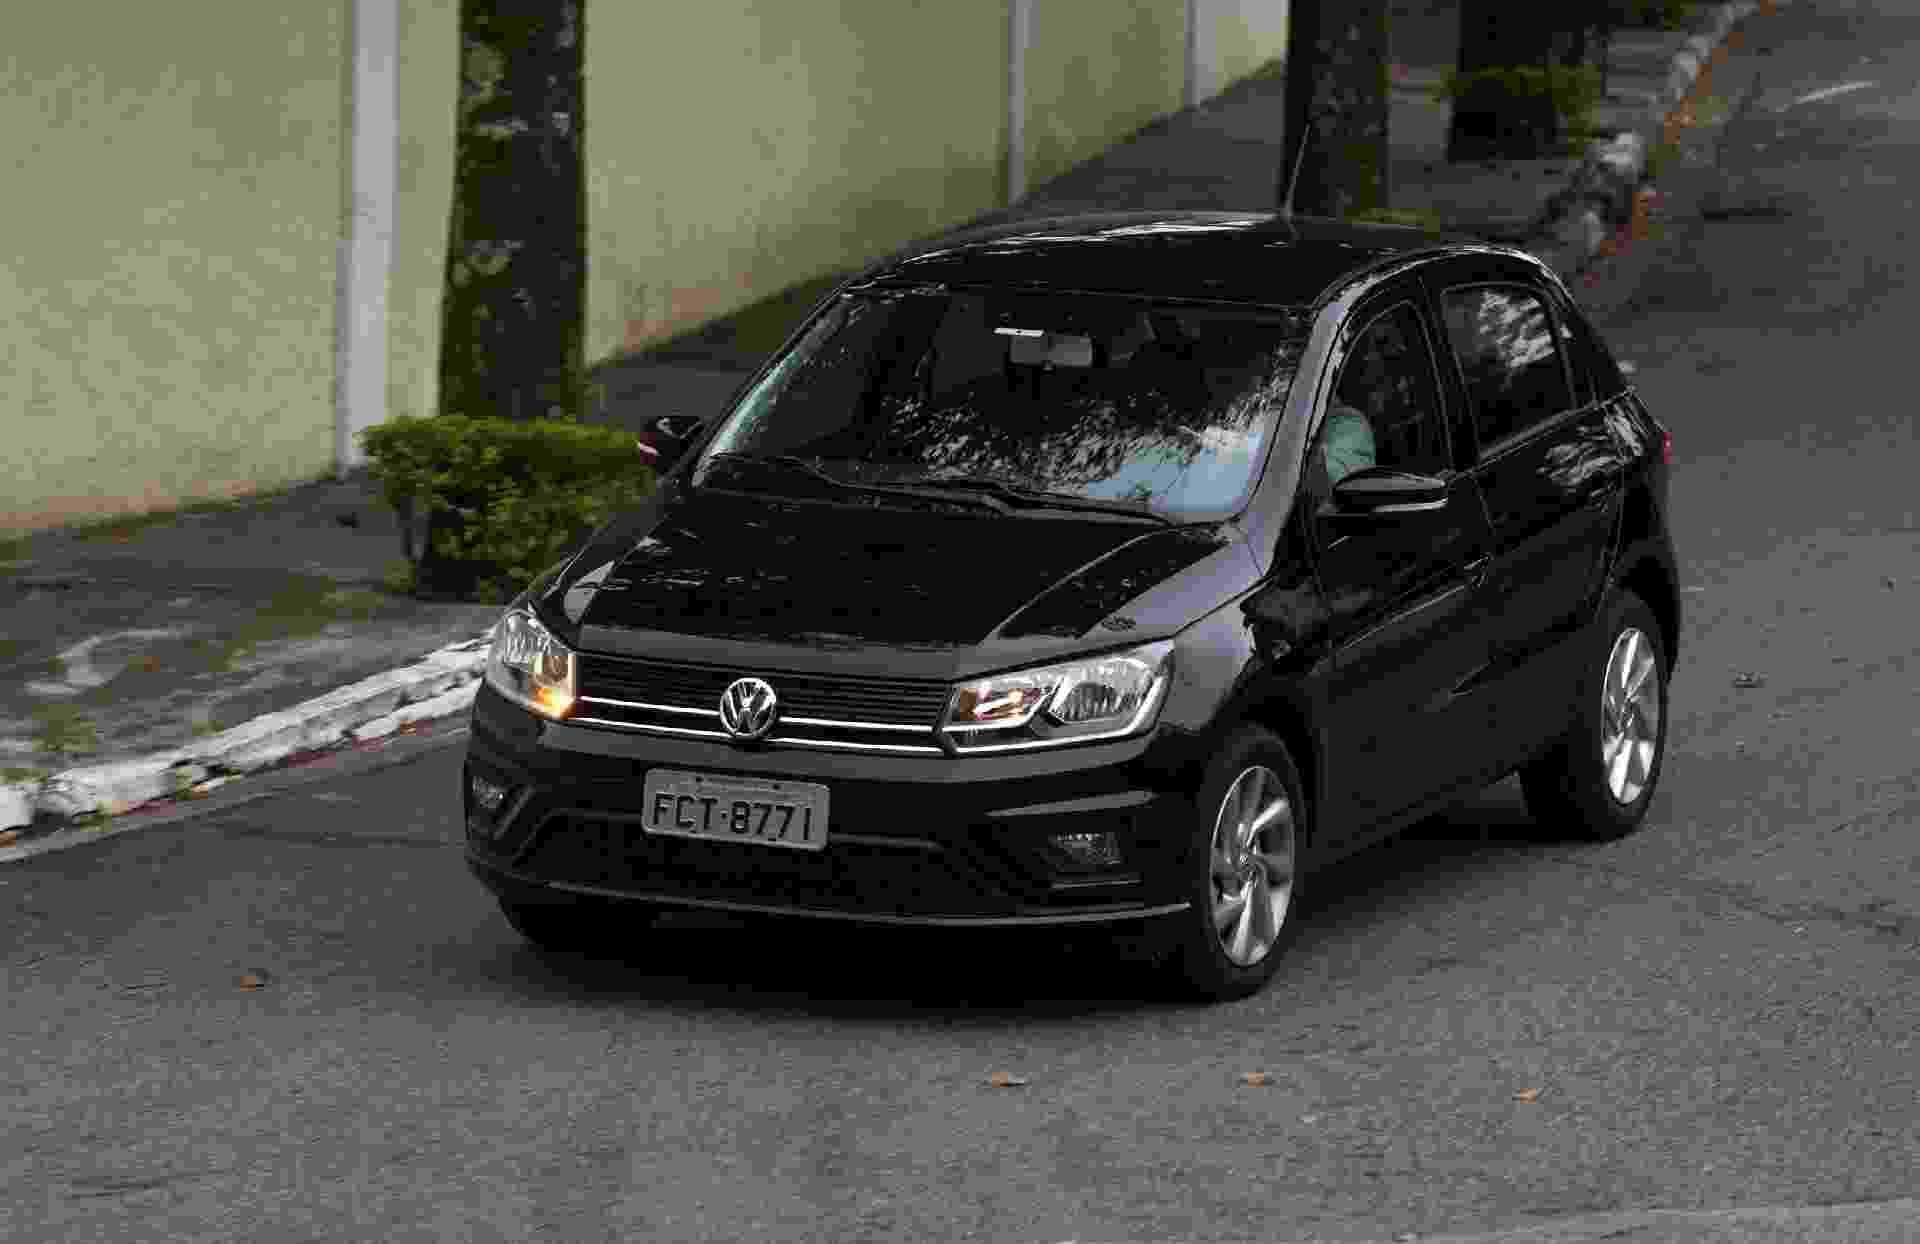 Volkswagen Gol 1.6 MSI AT - Murilo Góes/UOL